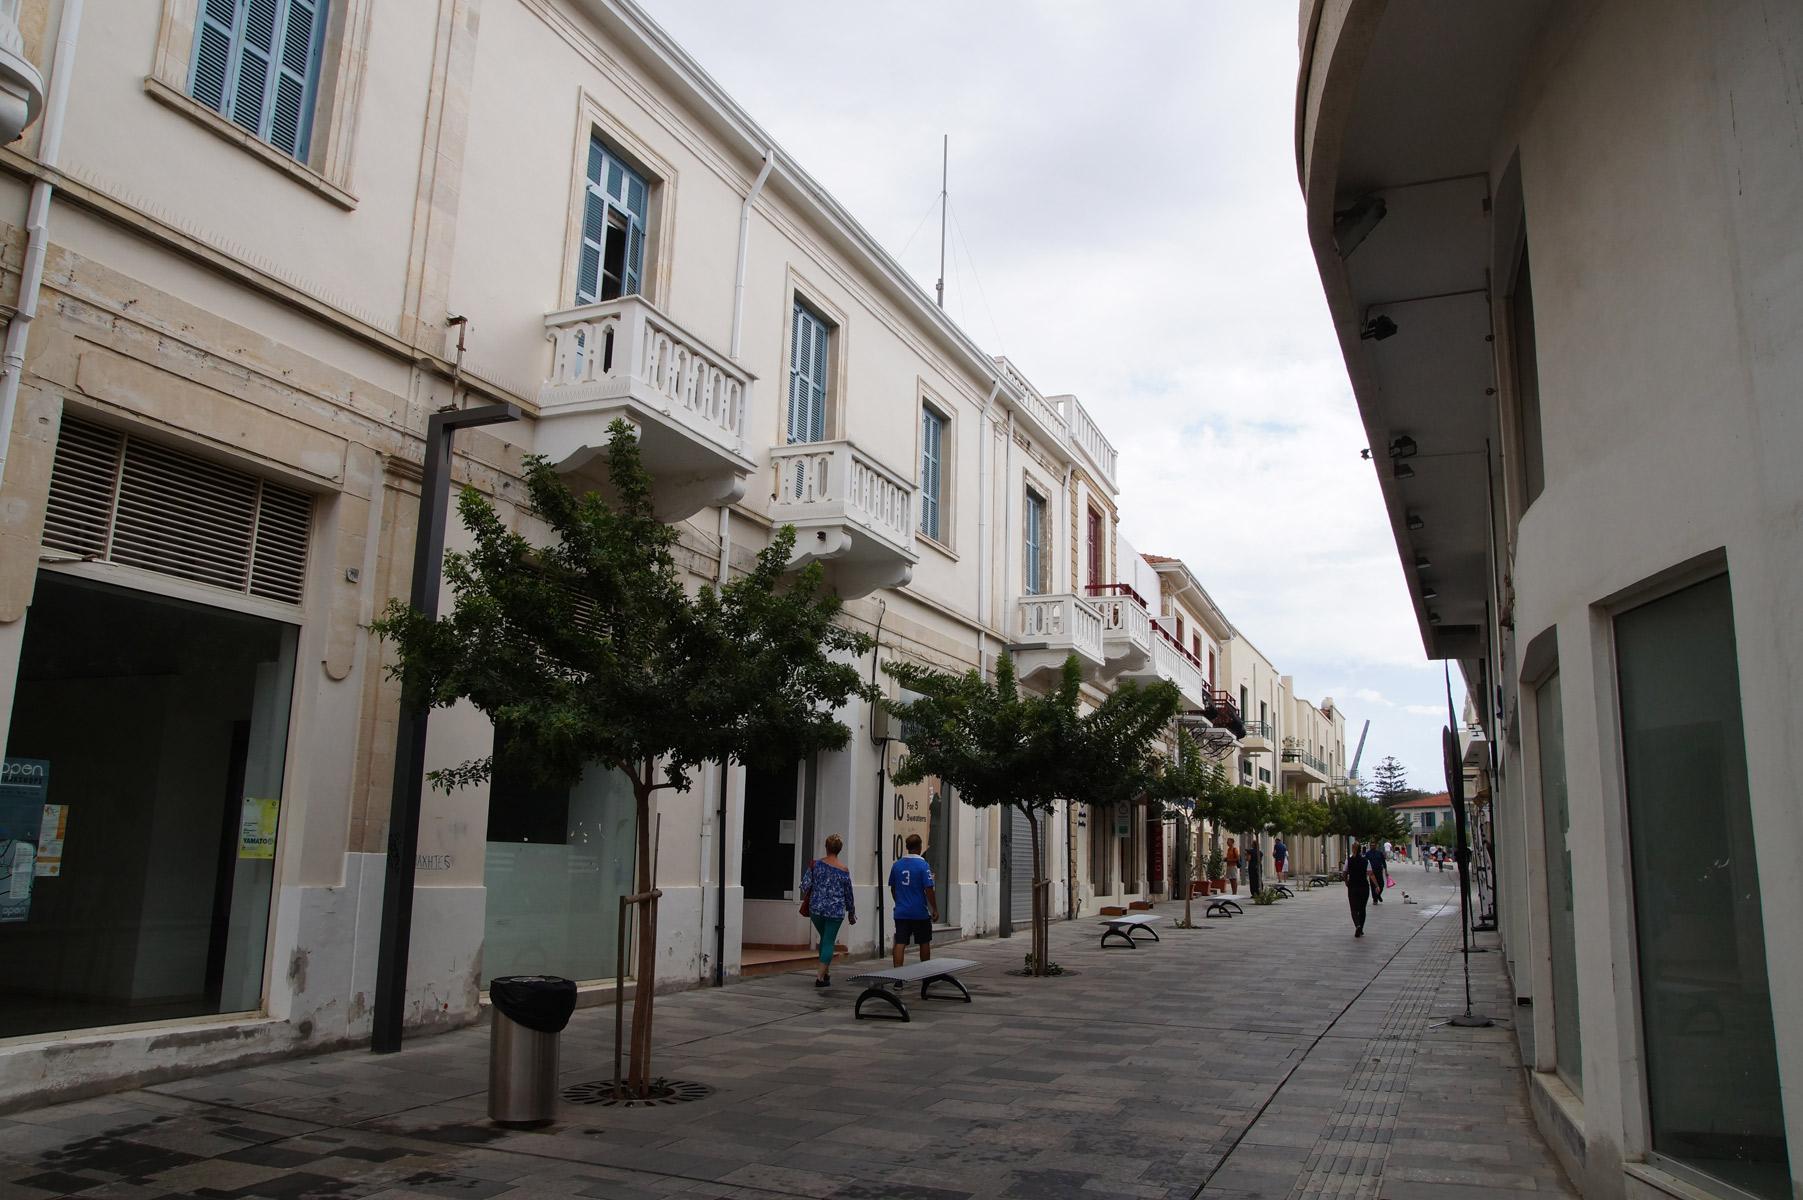 Пафос, Кипр, осень 2018